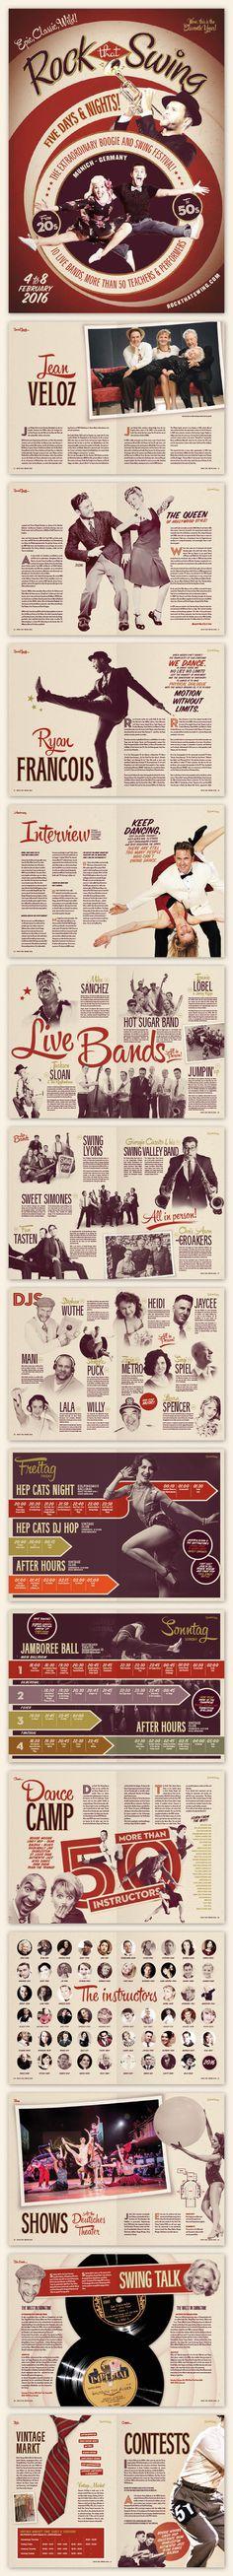 #brochure #vintage #retro #lindyhop #swing #rocktha swing #munich #micheletenaglia